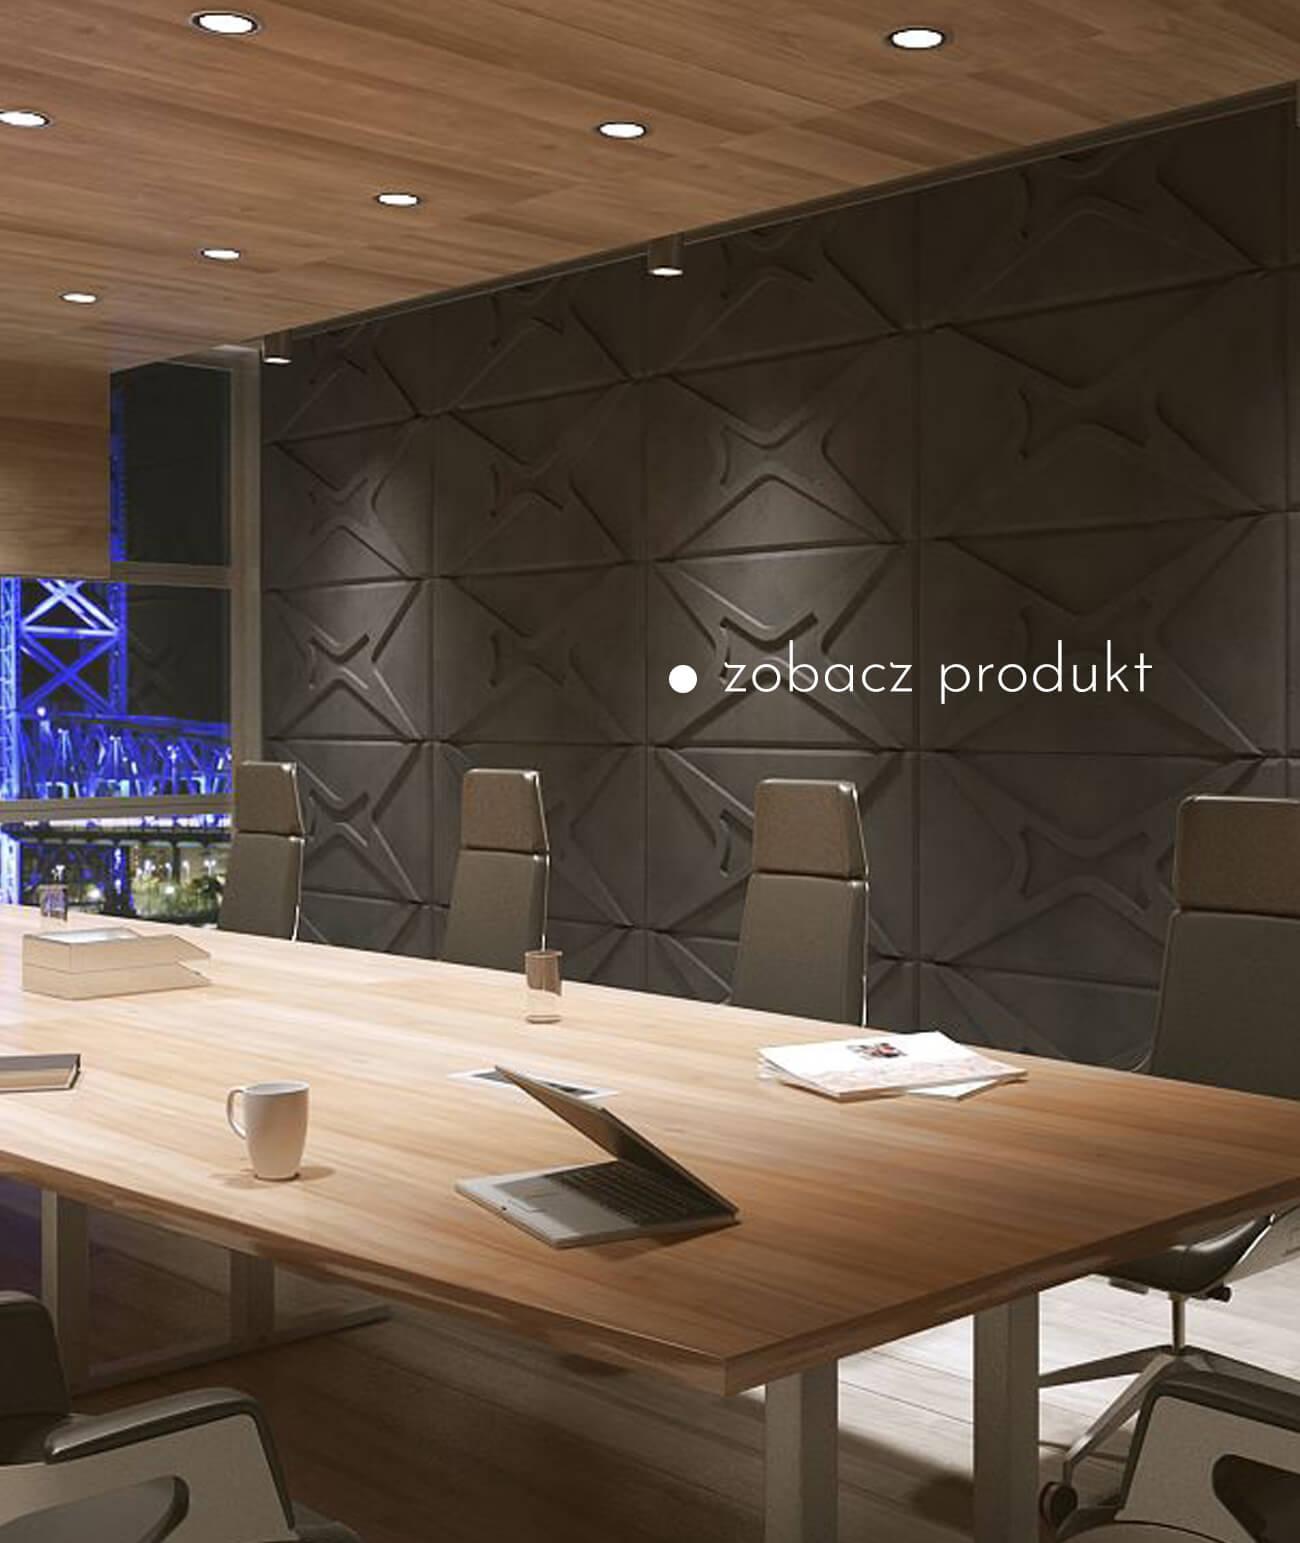 panele-betonowe-3d-scienne-i-elewacyjne-beton-architektoniczny_511-2770-pb17-b8-antracyt-modul-x---panel-dekor-3d-beton-architektoniczny-panel-scienny